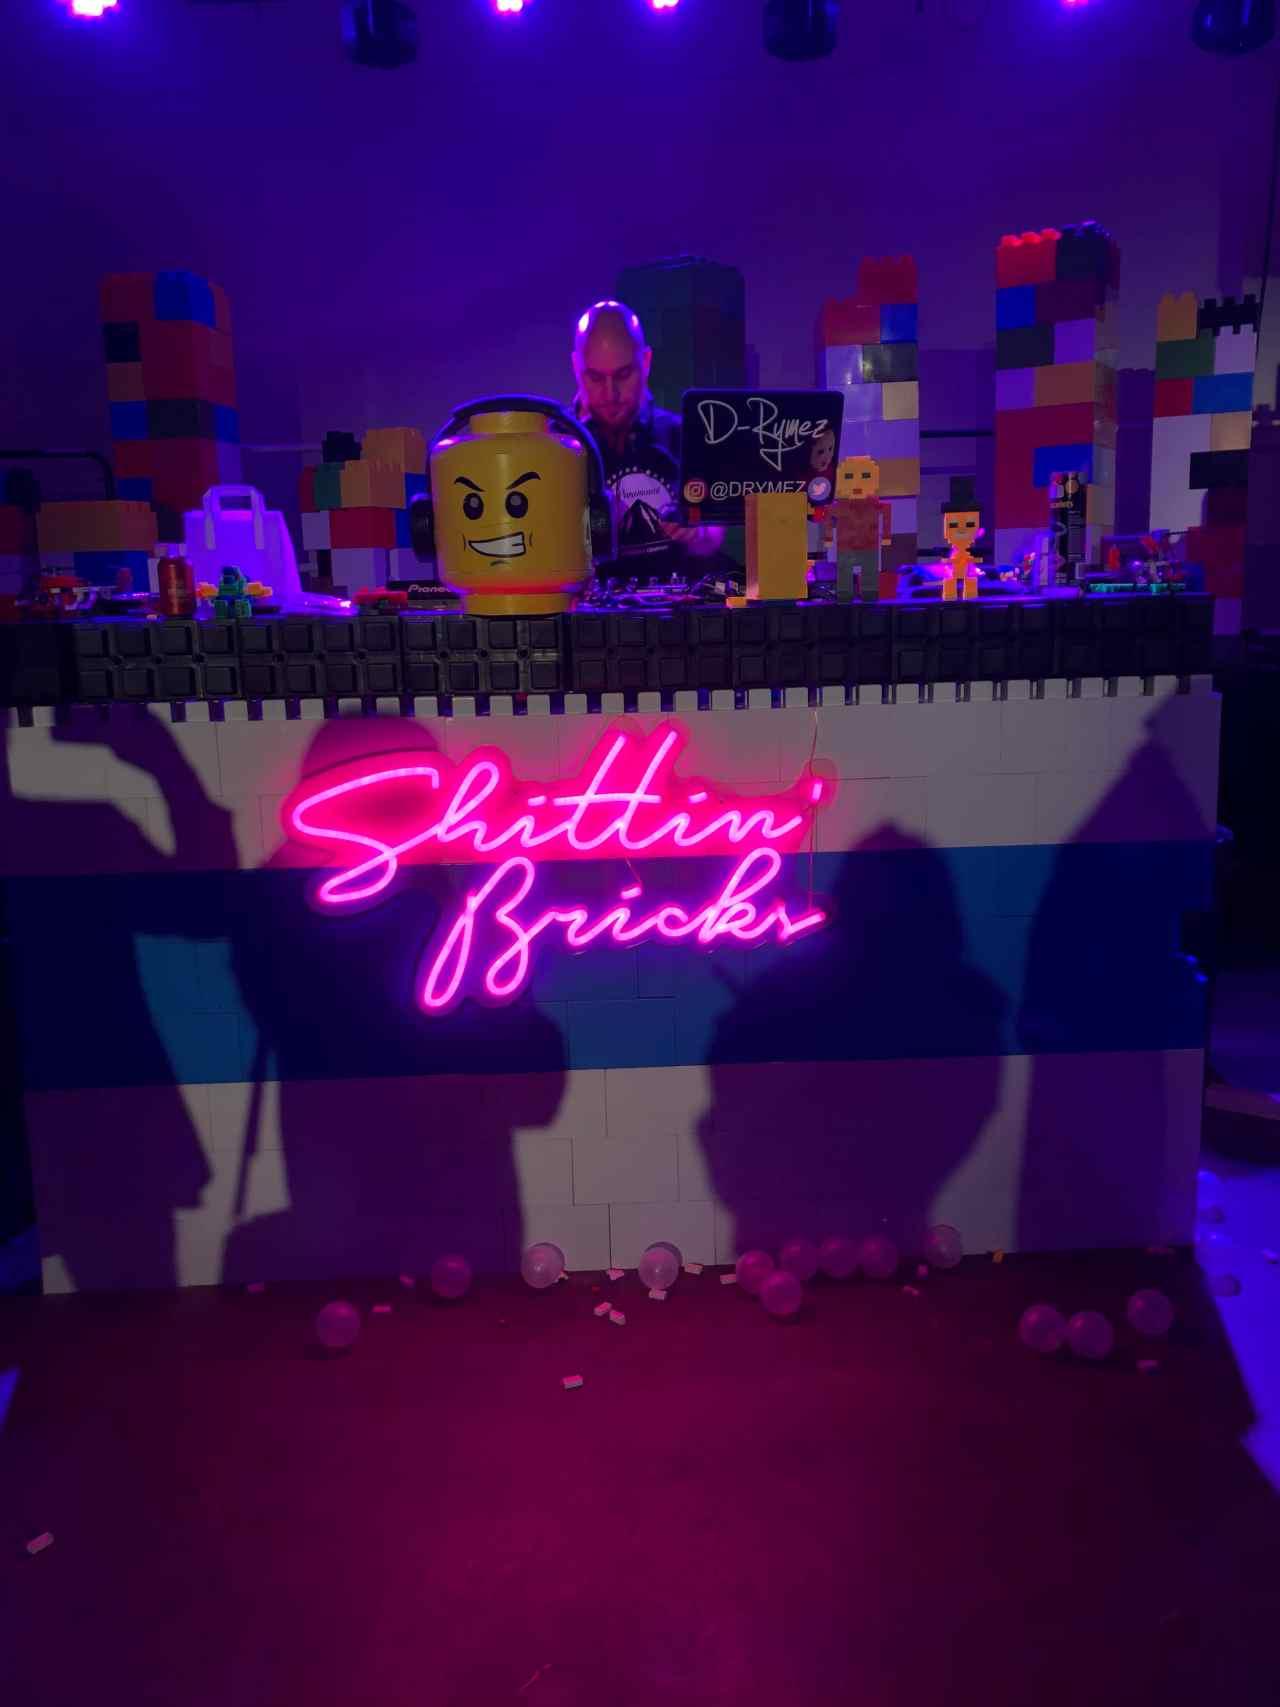 Brick bar DJ booth